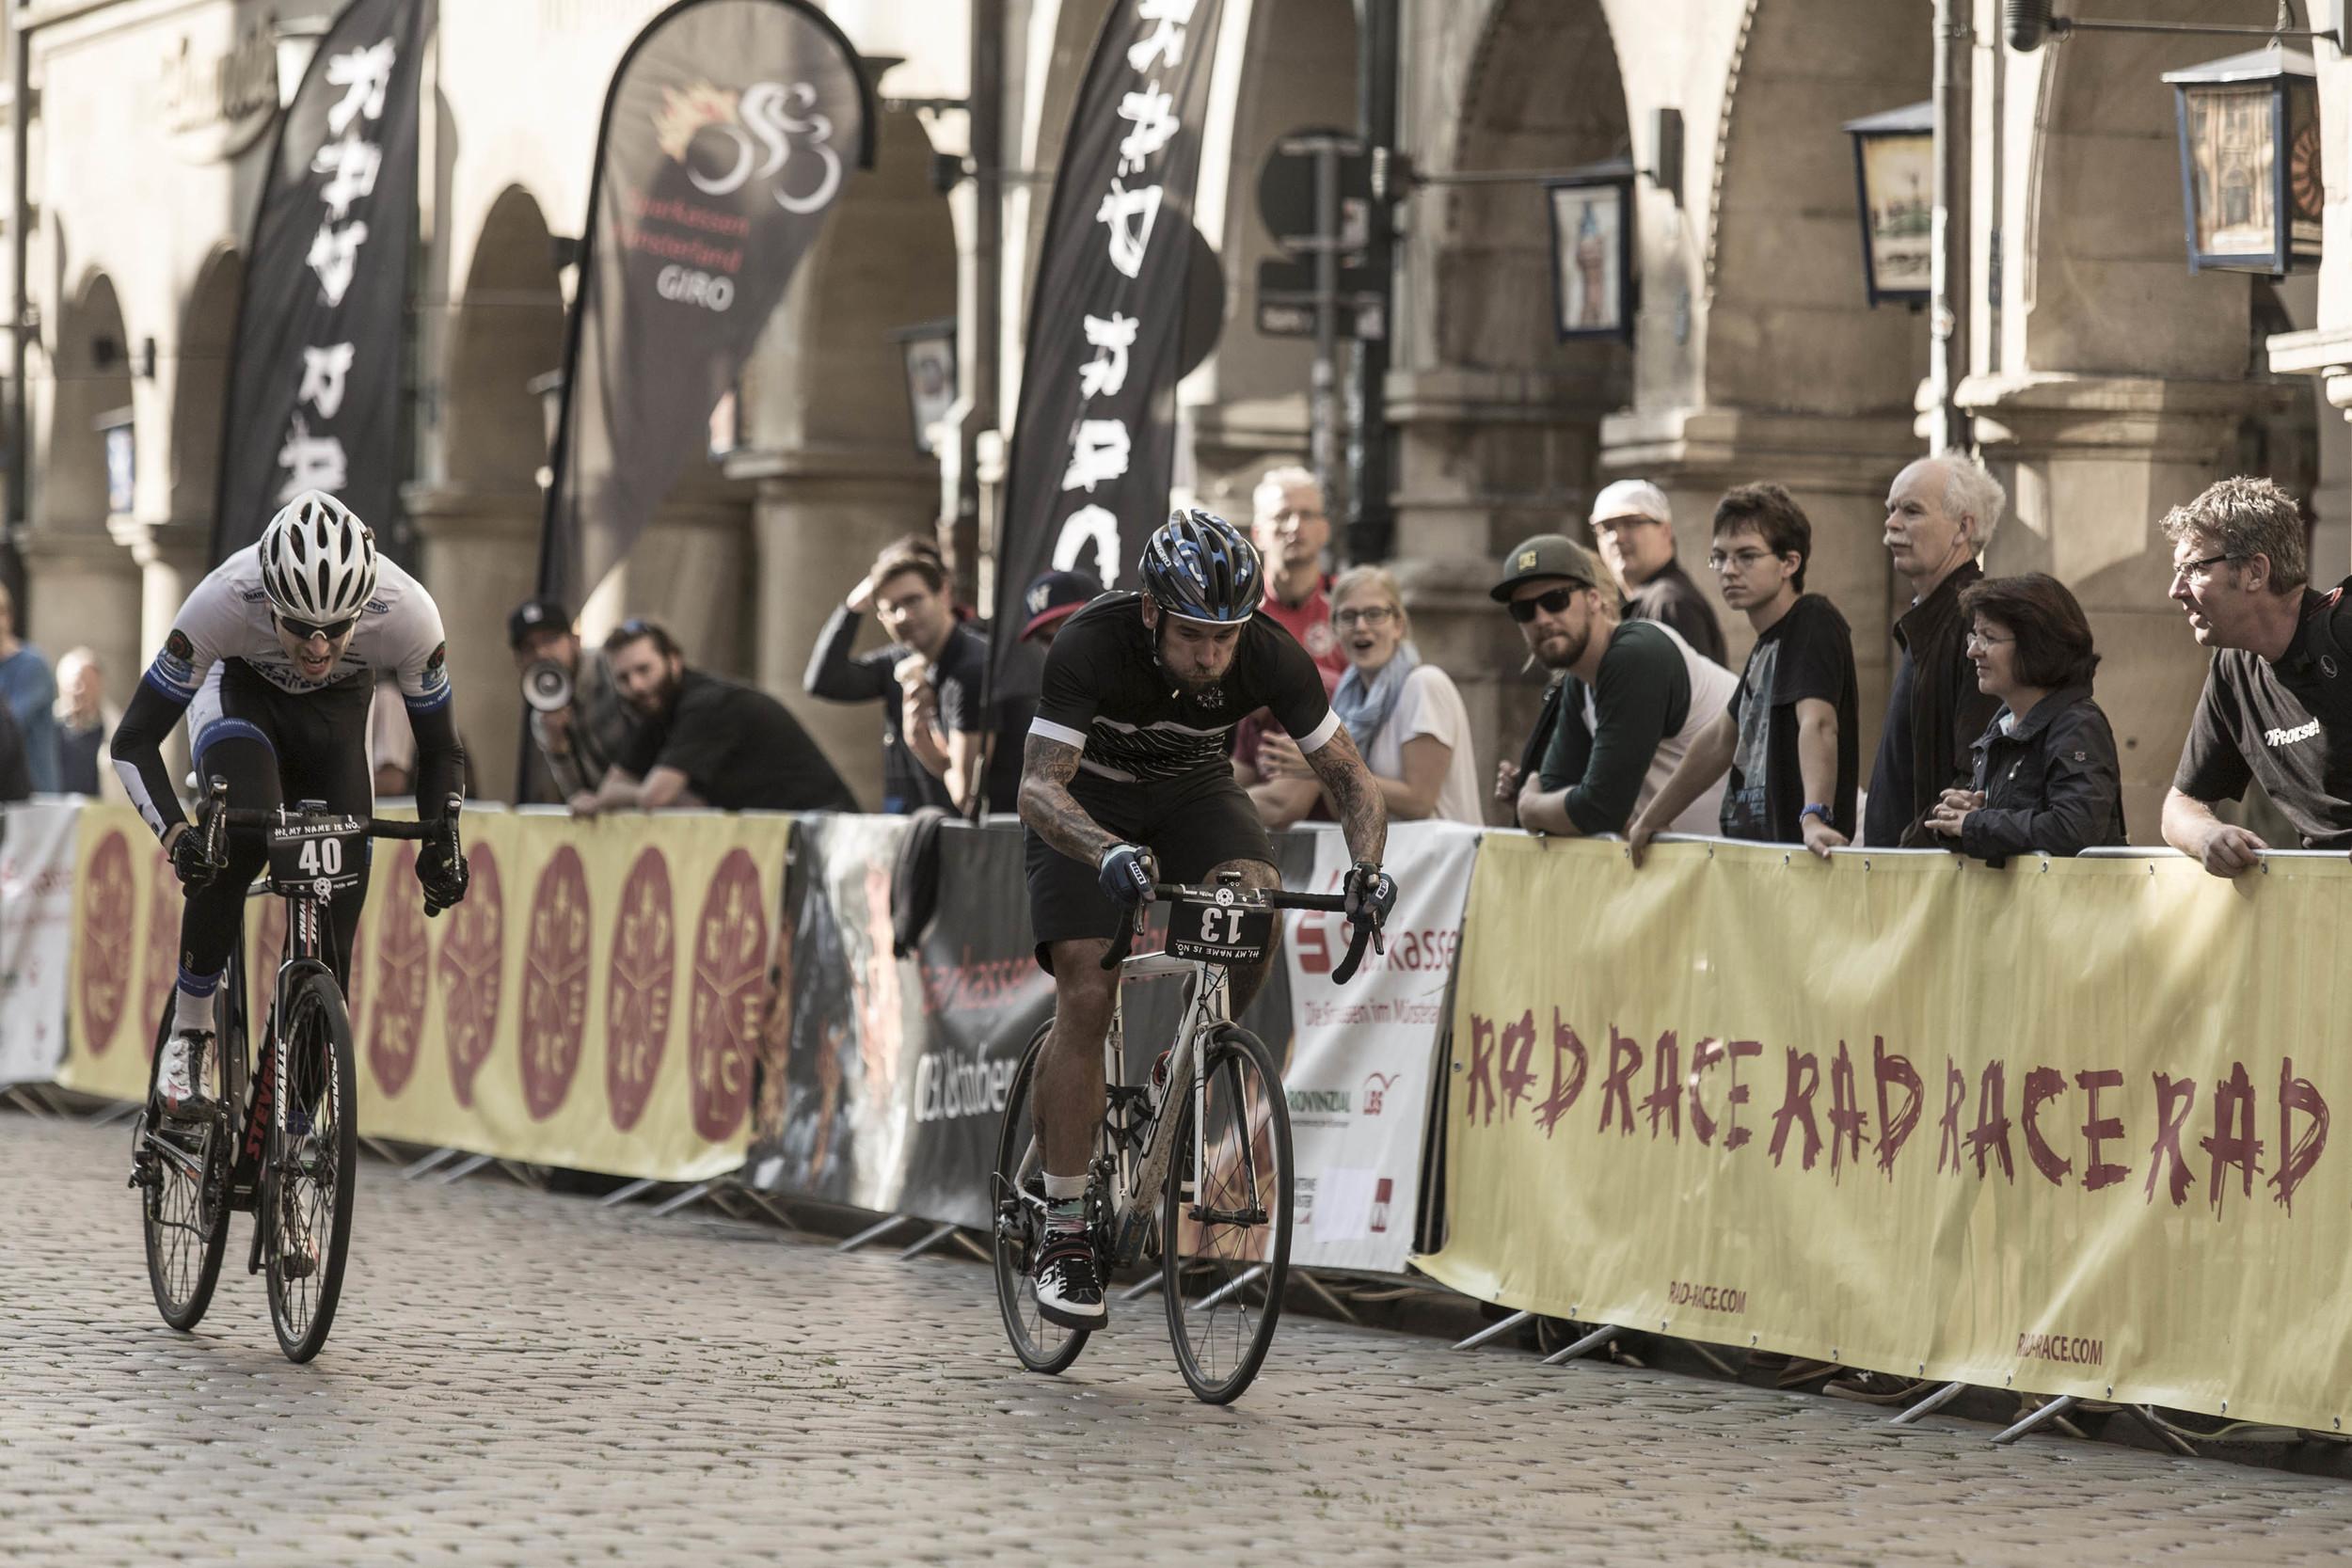 RAD RACE BATTLE Münster 2014 Pic by Sebastian Gondek_27.jpg